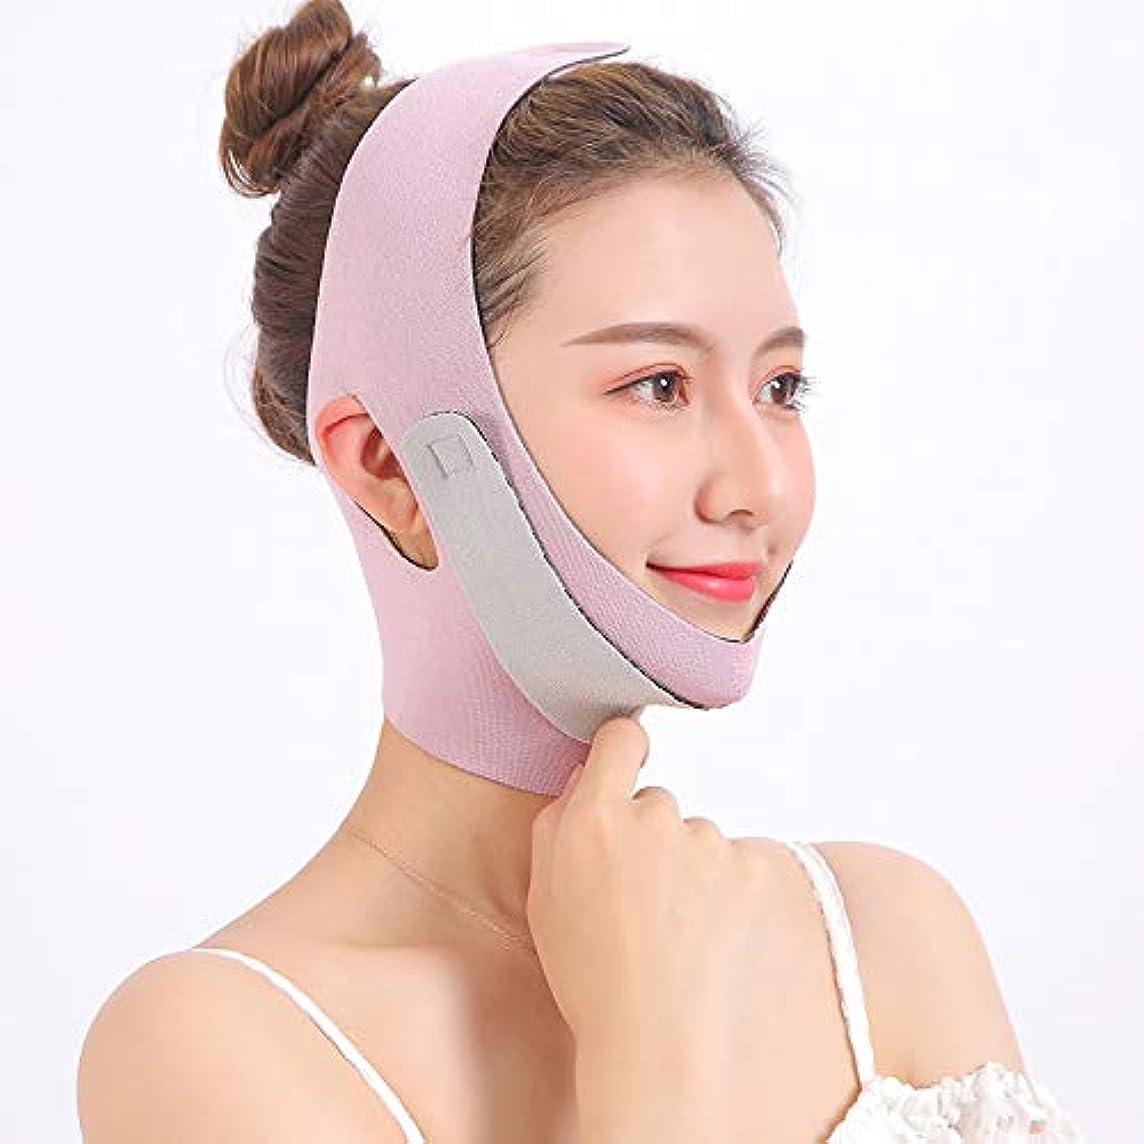 実行クーポンリーン顔面重量損失顔包帯小さな v 顔薄いダブルあごリフトを引き締めアーティファクトシェーピングマスク睡眠フード薄い顔ベルト